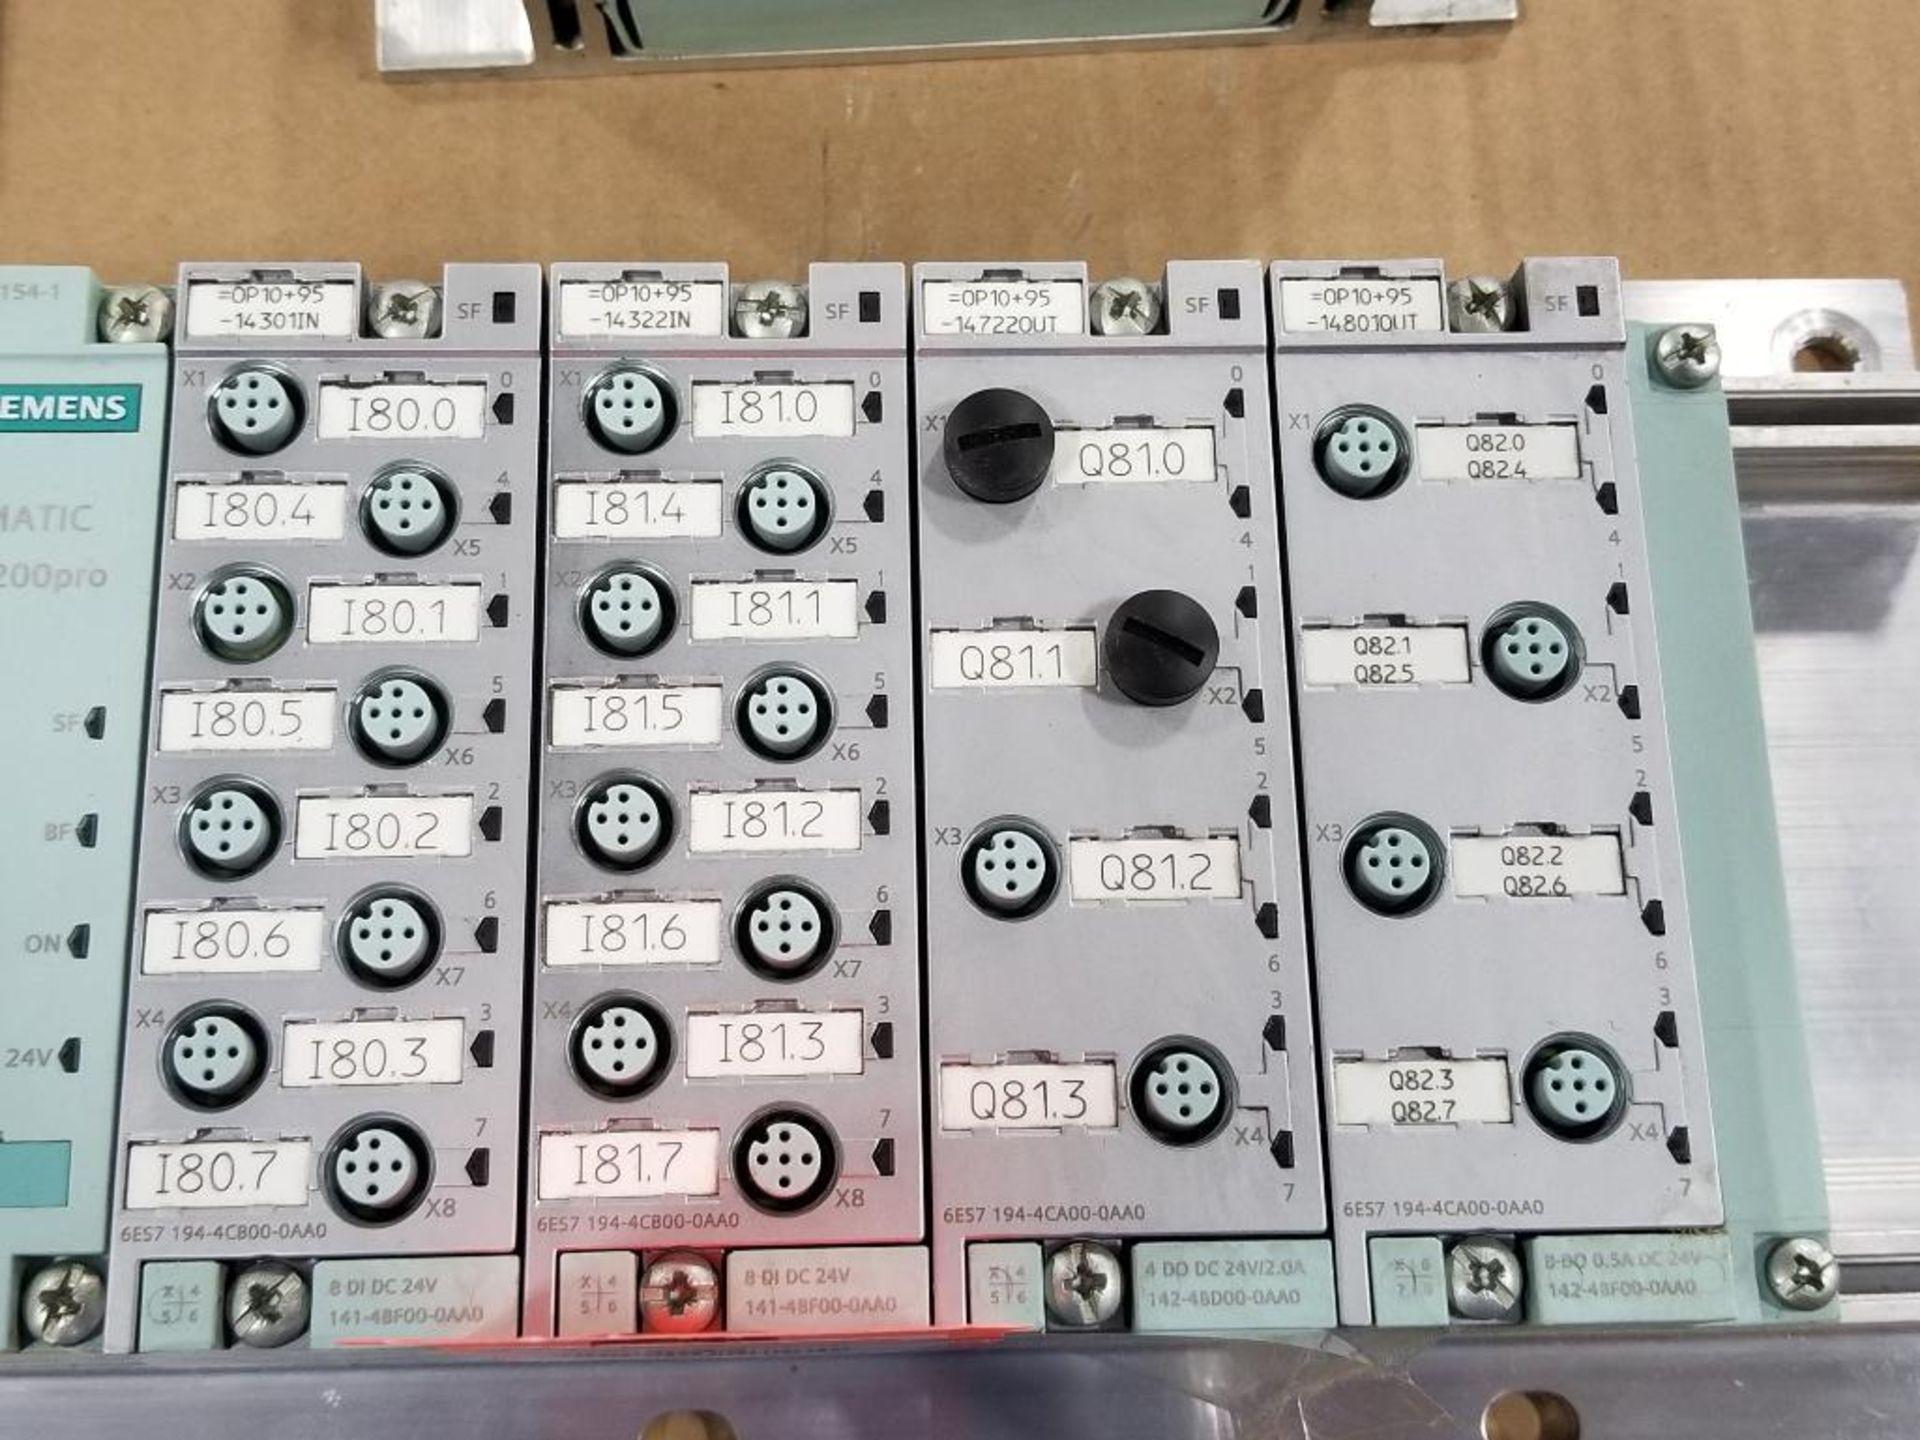 Siemens ET200-pro flow control line. 6ES7-154-1AA01-0AB0. - Image 3 of 3